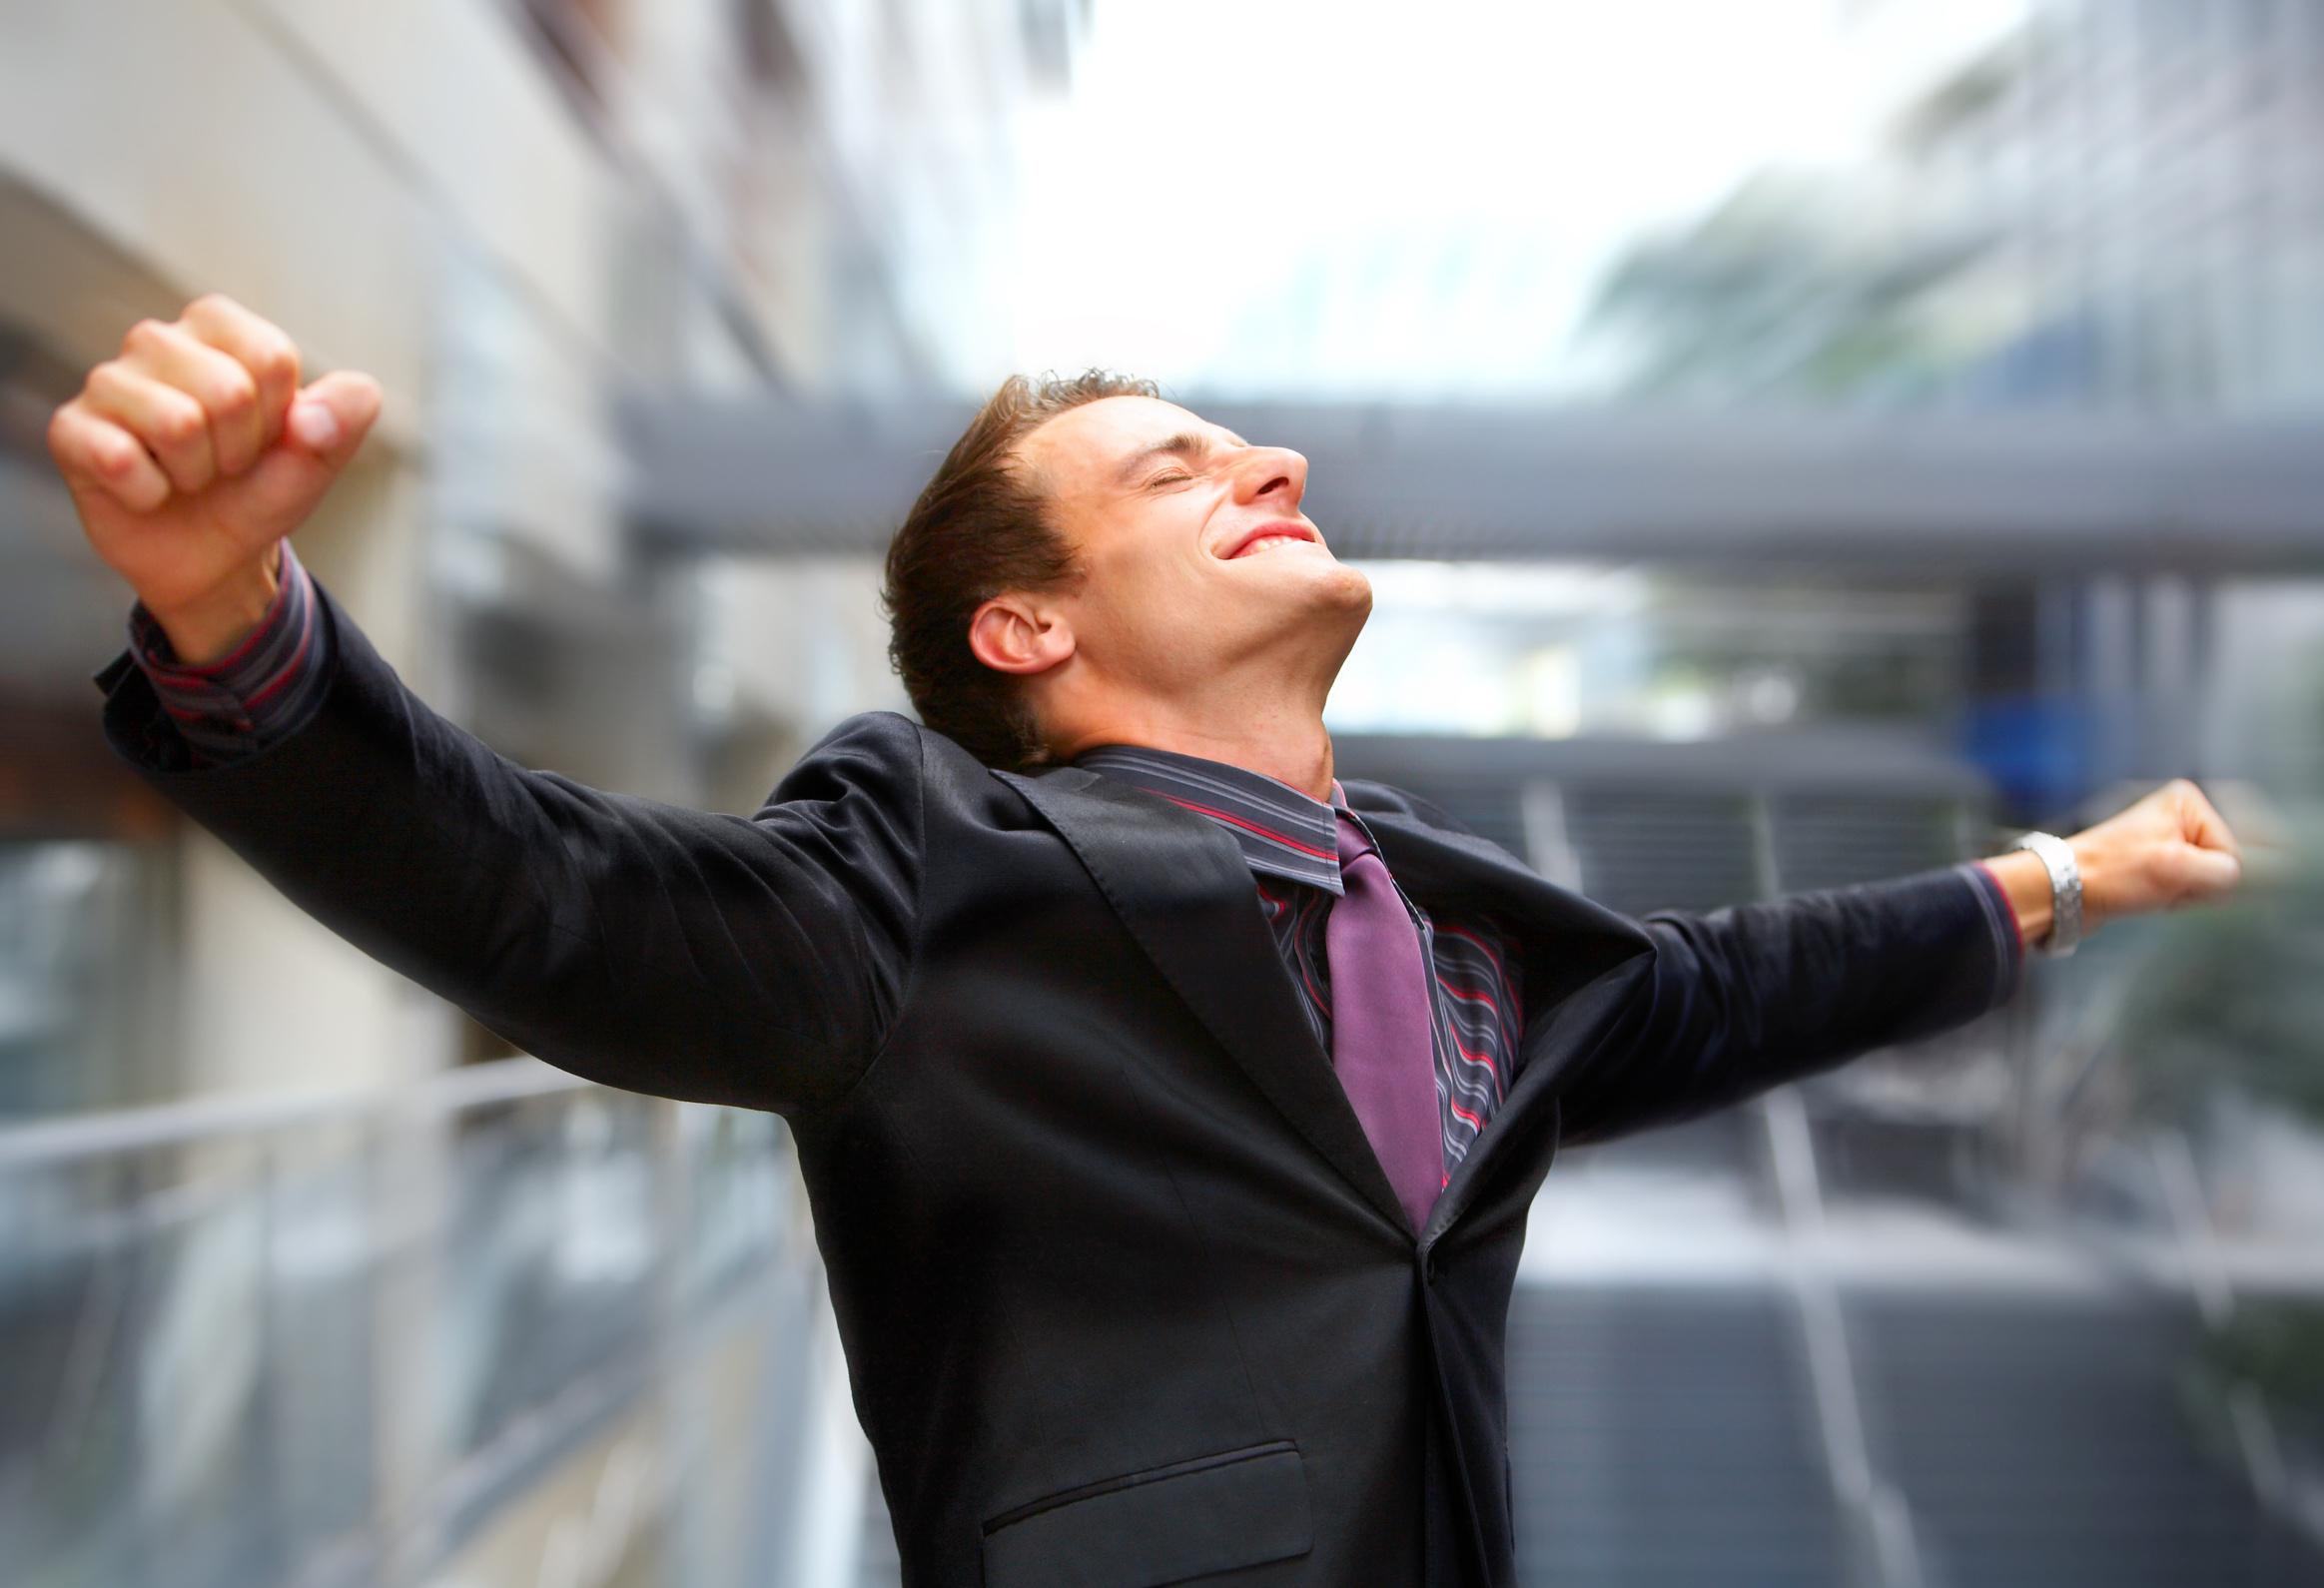 прикольные картинки счастливых людей компьютерные программы